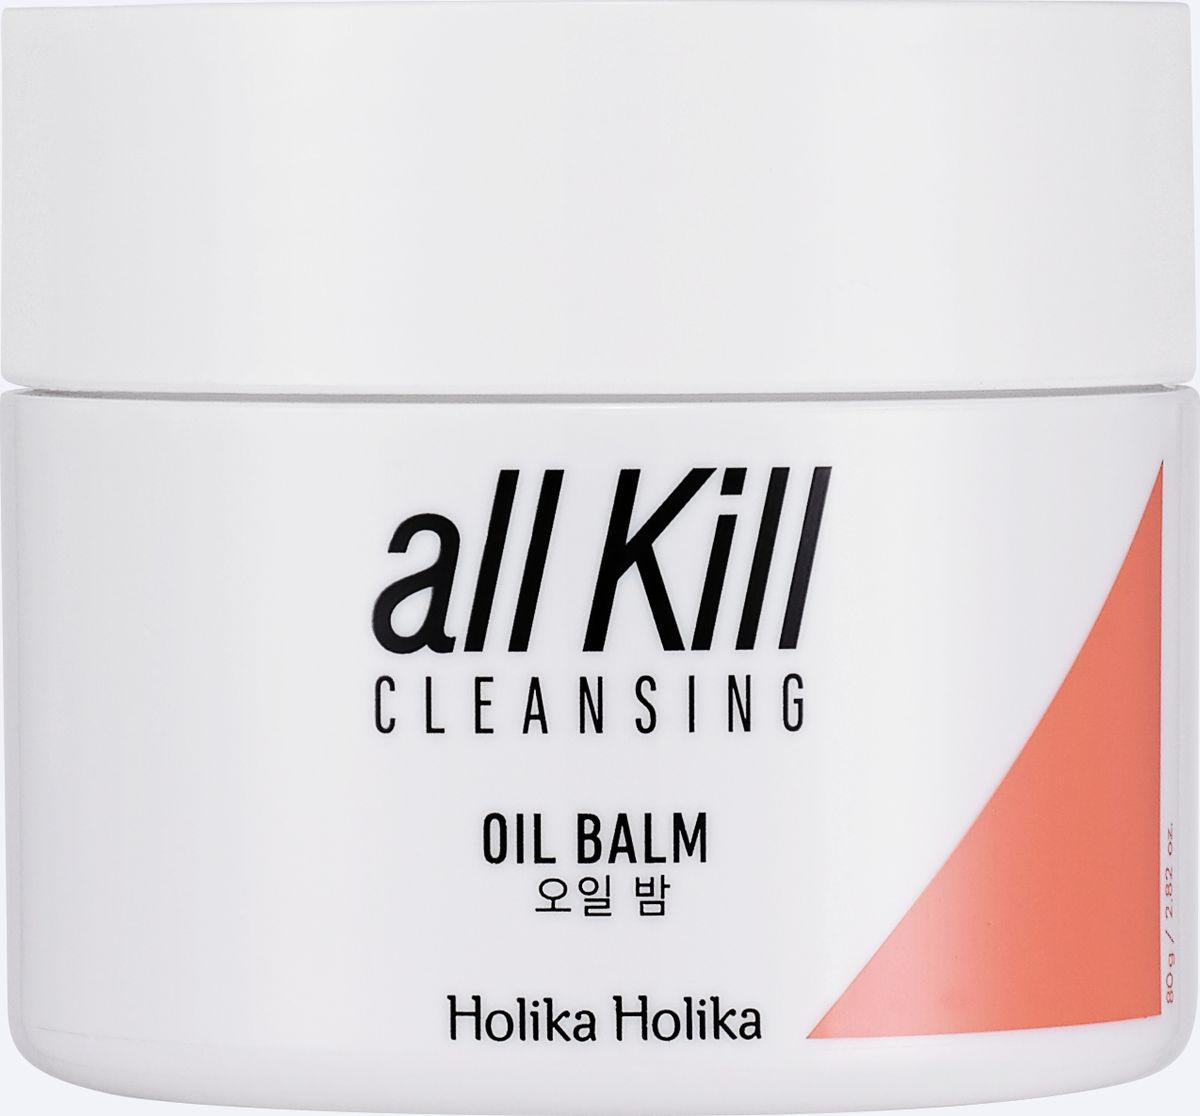 Holika Holika Очищающее масло-бальзам Ол Килл, 80 мл70186674 Масло-бальзам очищает кожу лица даже от водостойкого макияжа. Предотвращает шелушения, увлажняет, смягчает и питает чувствительную кожу, возвращает ей упругость и эластичность. Применение: Нанесите небольшое количество средства на сухую кожу лица, распределите массирующими движениями. Смойте теплой водой. Объём: 80 г. Состав: минеральное масло, цетиловый этилгексаноат, ПЭГ - 20 глицерил триизостеарат, полиэтилен, ПЭГ - 8 изостеарат, аромат, токоферола ацетат, масло ши, каприлилгликоль, феноксиэтанол, этилгексилглицерин, 1,2 -гександиол, каприловой / каприновой триглицериды, экстракт листьев мыльнянки лекарственной, бутиленгликоль, лимонная кислота.